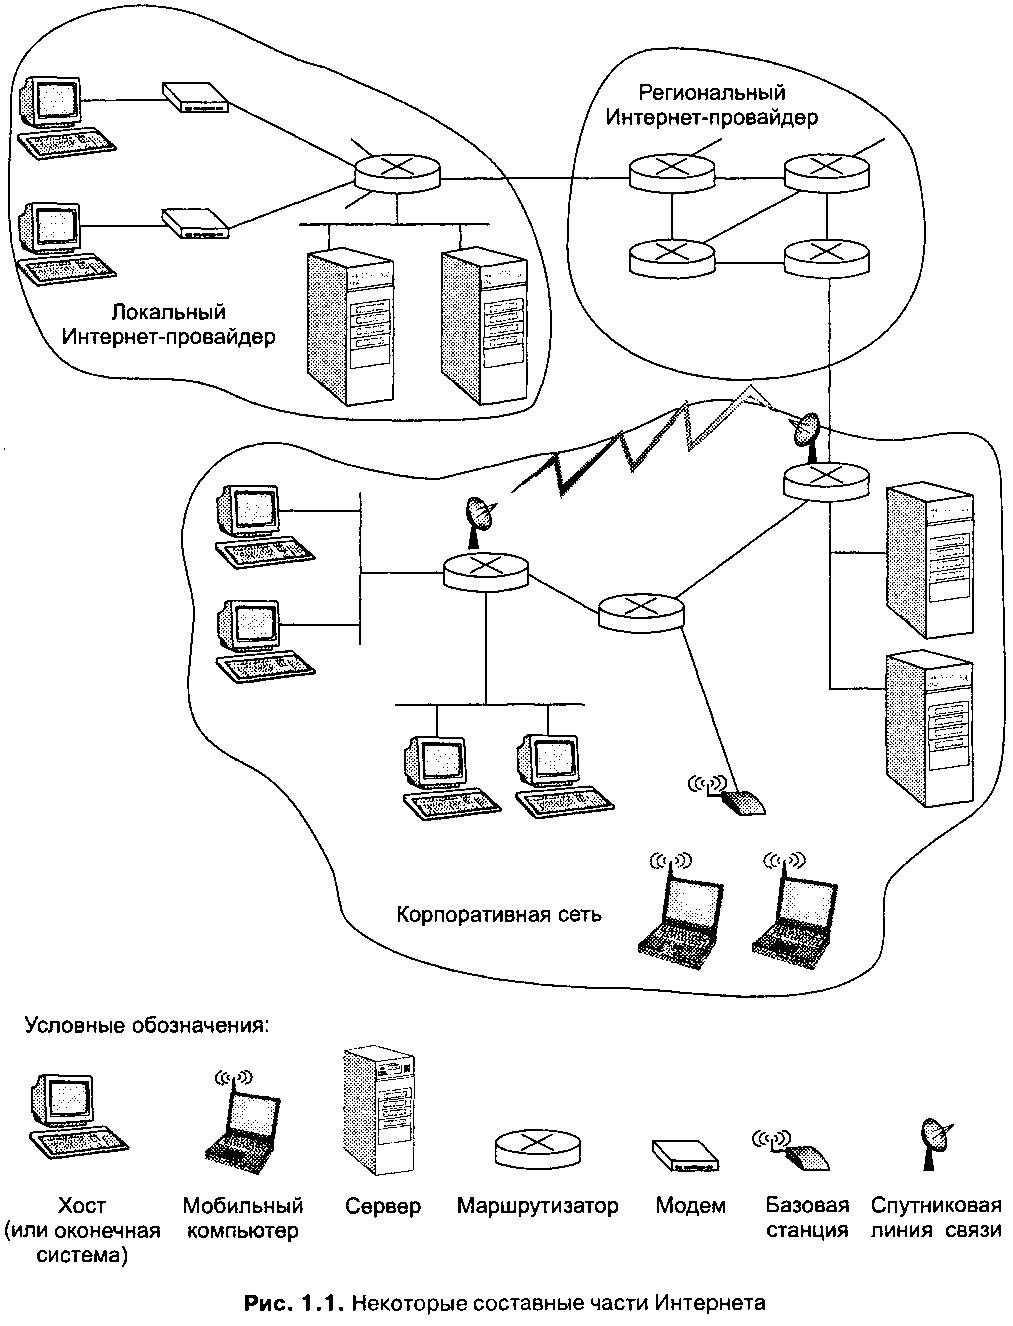 Контрольная работа № Доступ оконечных систем к Интернету осуществляется при помощи поставщиков услуг Интернета или Интернет провайдеров internet service provider isp